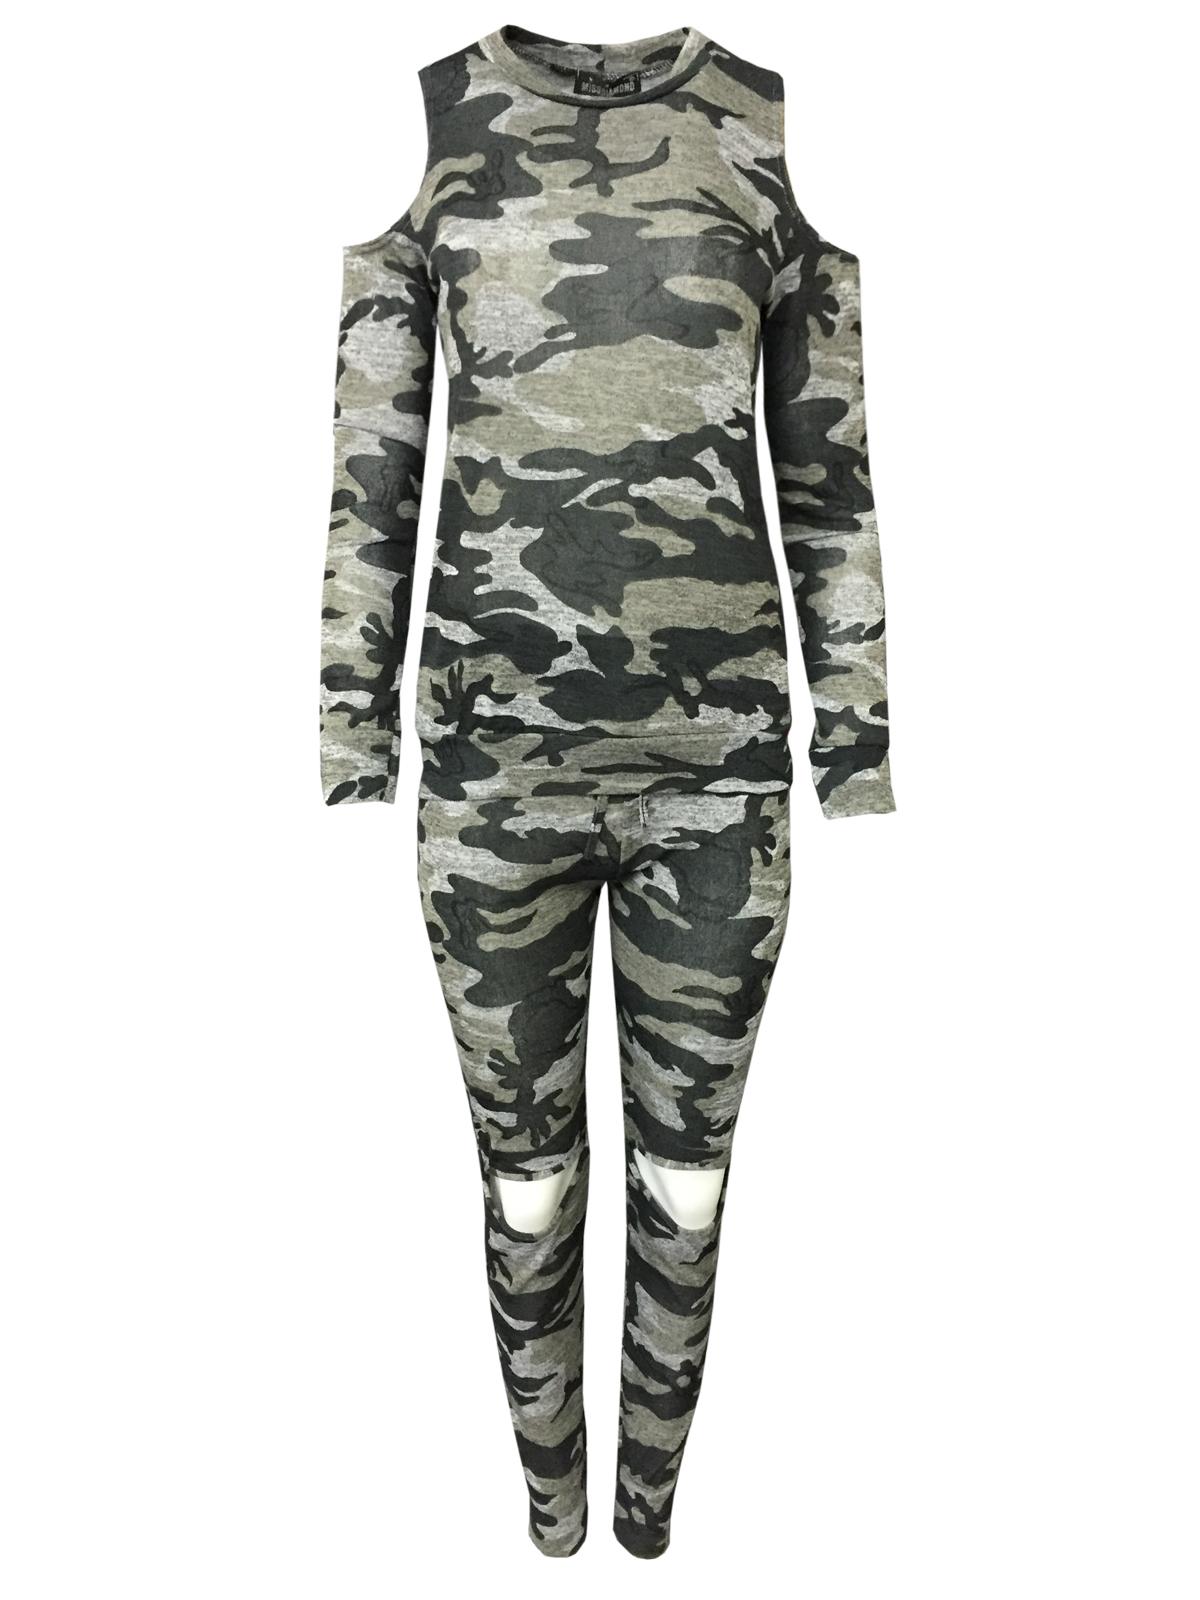 femme co ord militaire ajust e imprim camouflage jogging costume set femmes surv tement ebay. Black Bedroom Furniture Sets. Home Design Ideas